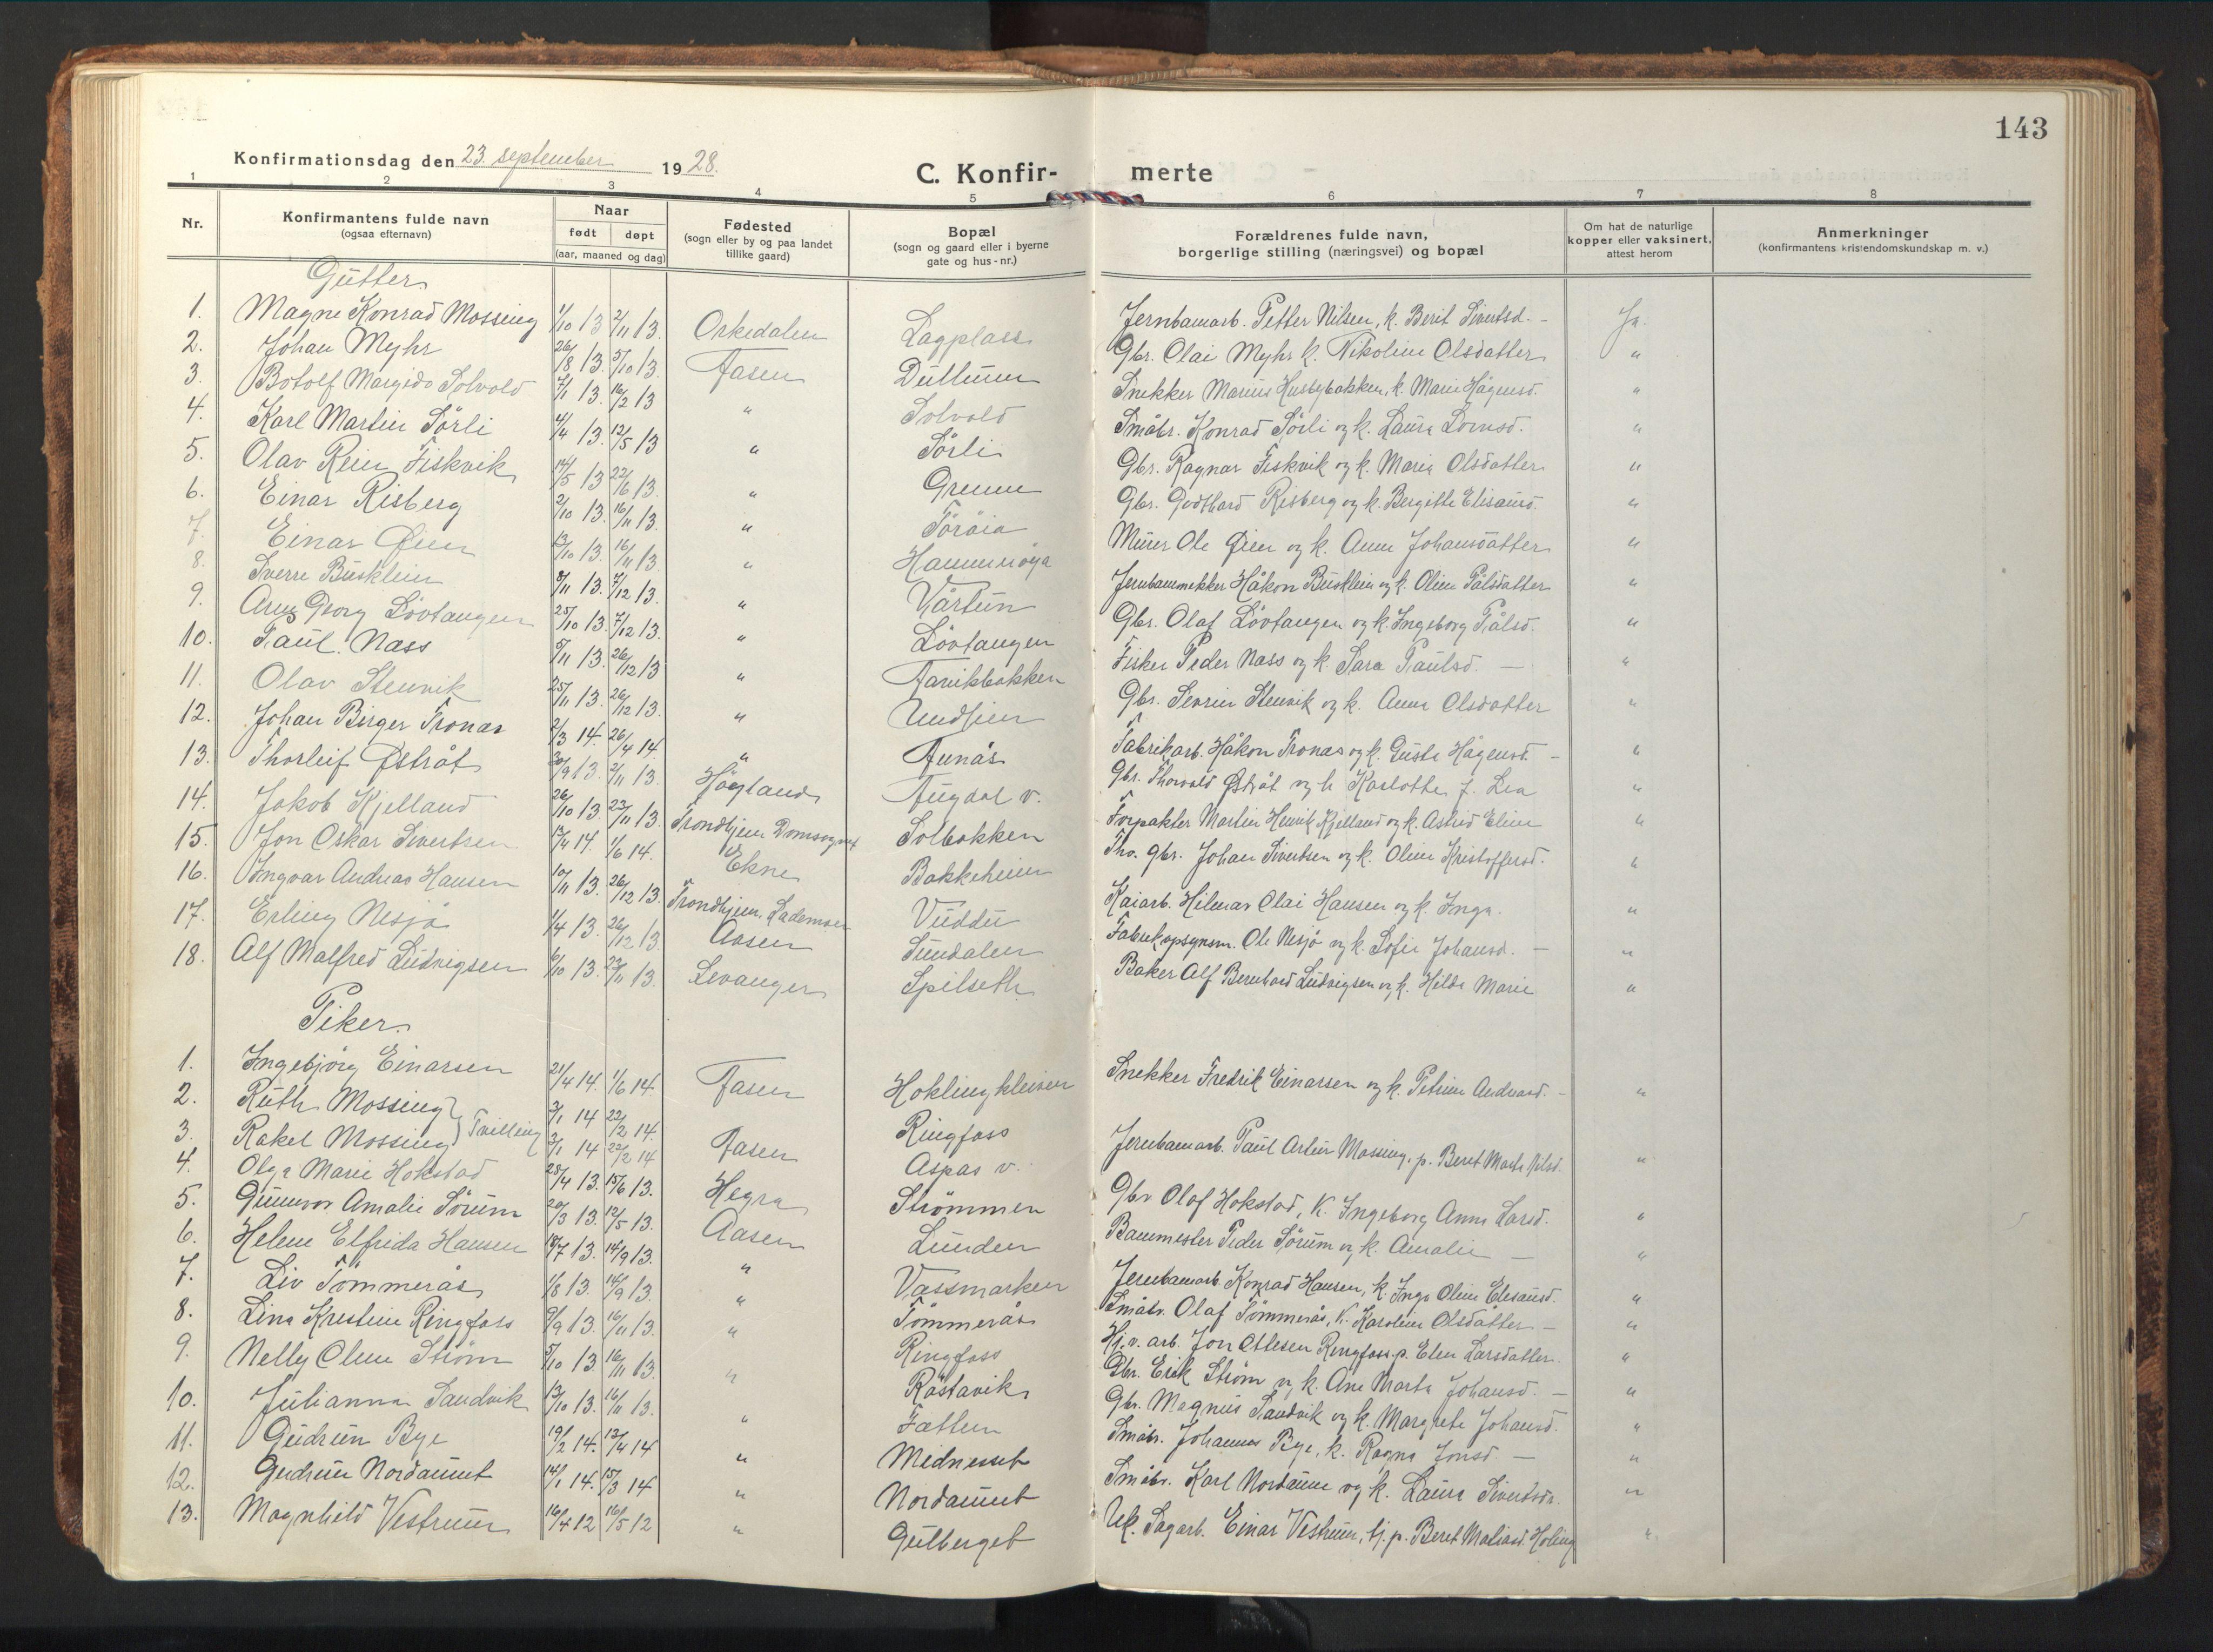 SAT, Ministerialprotokoller, klokkerbøker og fødselsregistre - Nord-Trøndelag, 714/L0136: Klokkerbok nr. 714C05, 1918-1957, s. 143